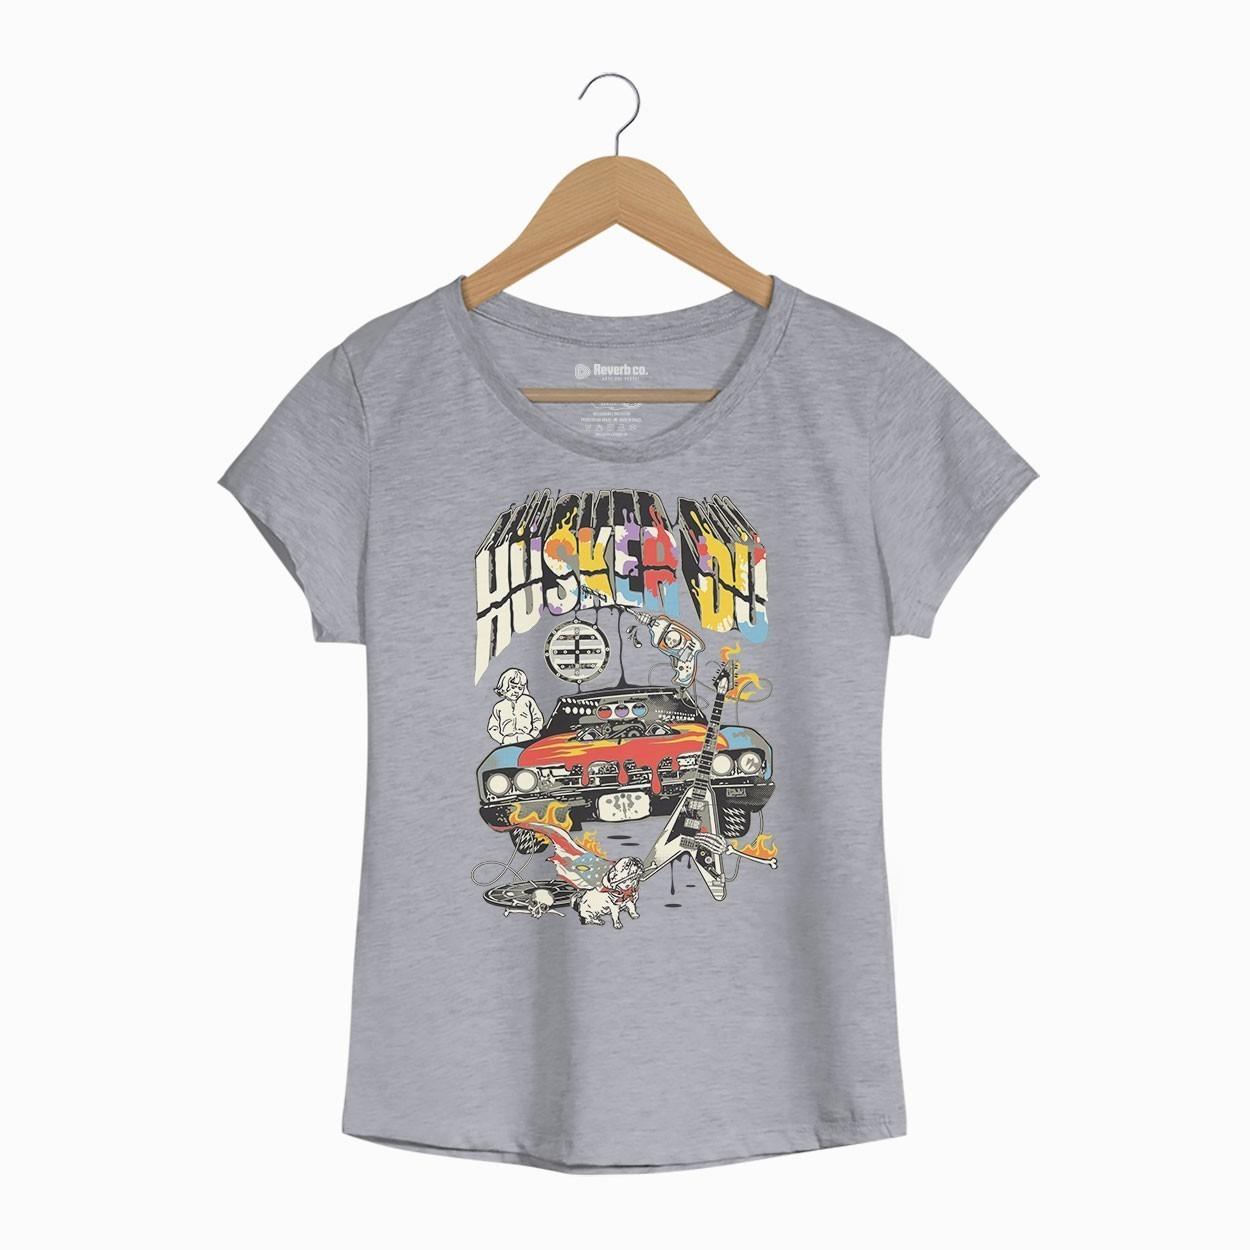 Camiseta Husker Du - Feminino